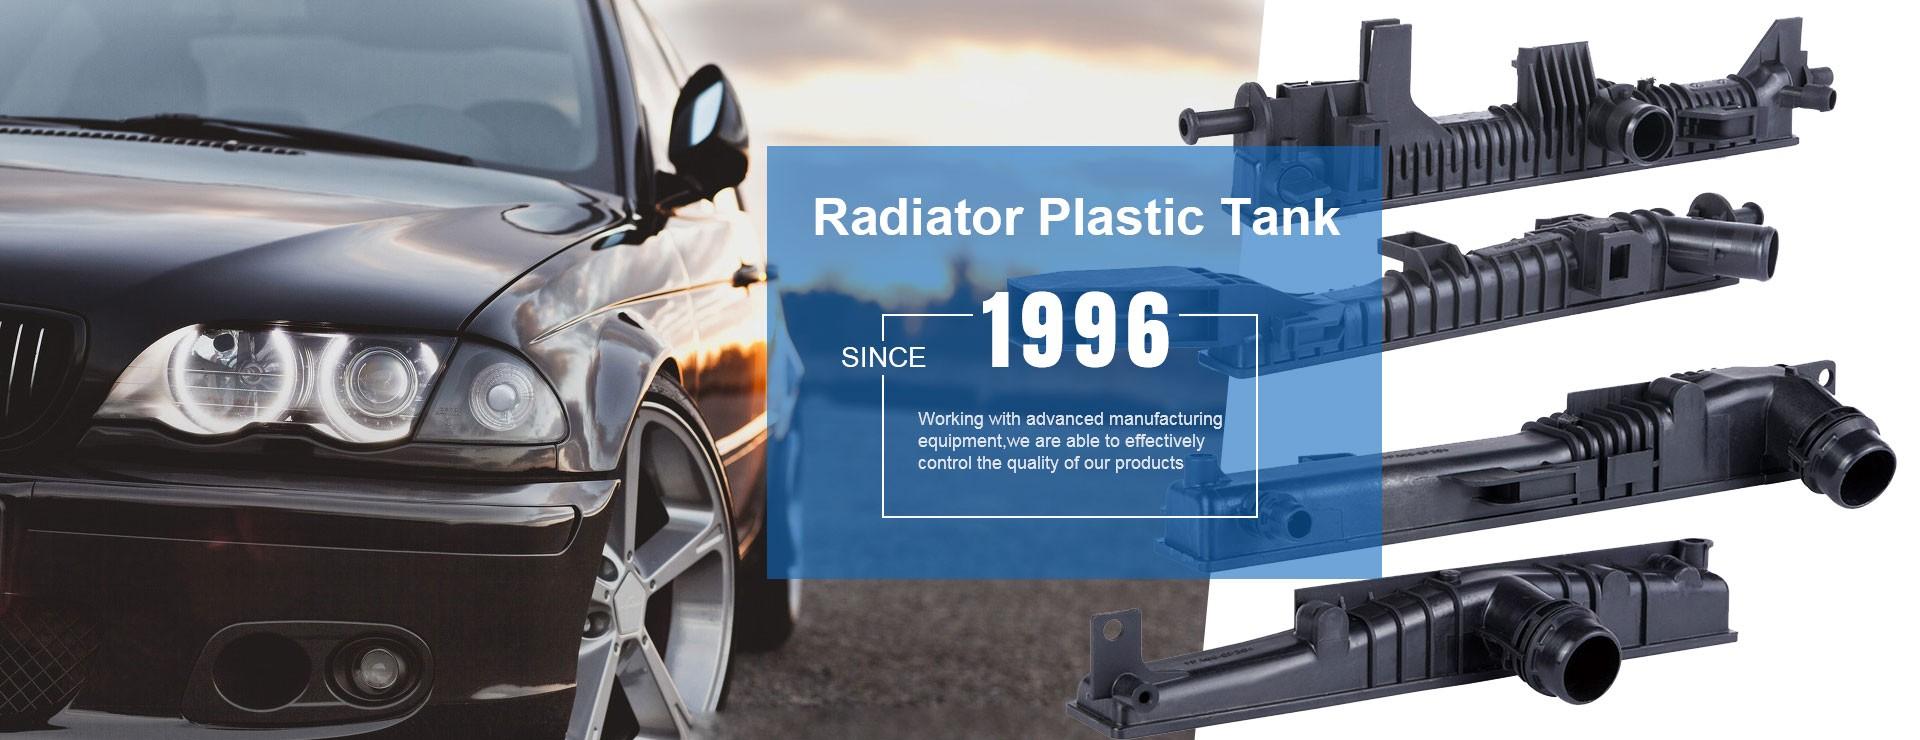 Tanque de radiador de coche americano